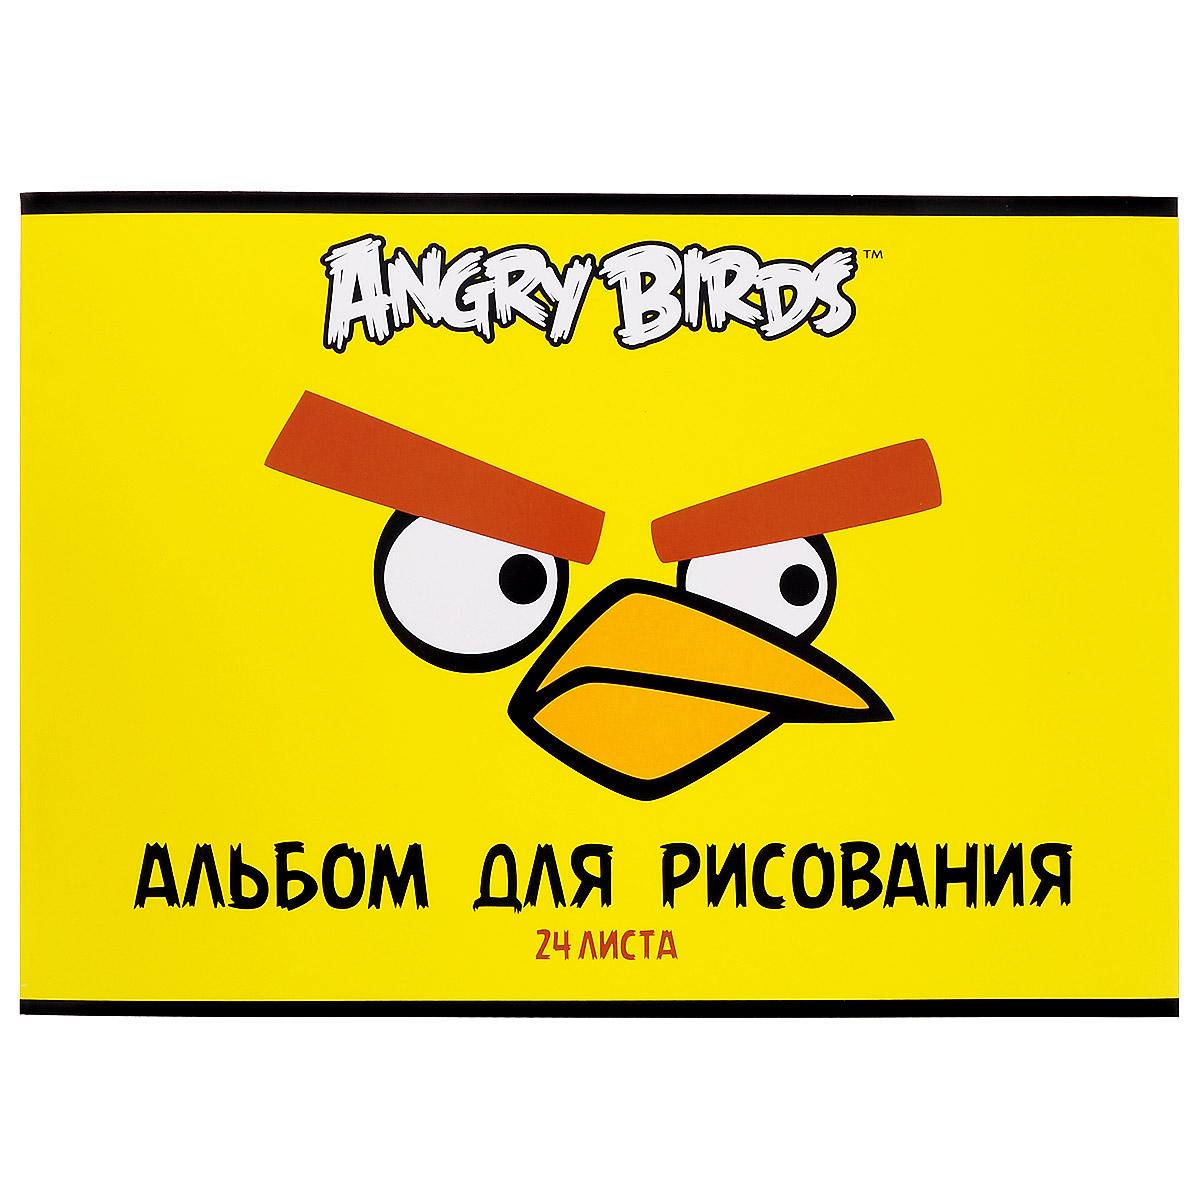 Альбом для рисования Angry Birds, 24 листа. 24А4вмB_1035624А4вмB_10356Альбом для рисования Angry Birds с ярким изображением любимого мультипликационного героя на обложке будет радовать и вдохновлять юных художников на творческий процесс. Бумага альбома отличается высокой прочностью. Обложка выполнена из мелованного картона. Крепление - скрепки. Рисование позволяет развивать творческие способности, кроме того, это увлекательный досуг. Рекомендуемый возраст: 6+.